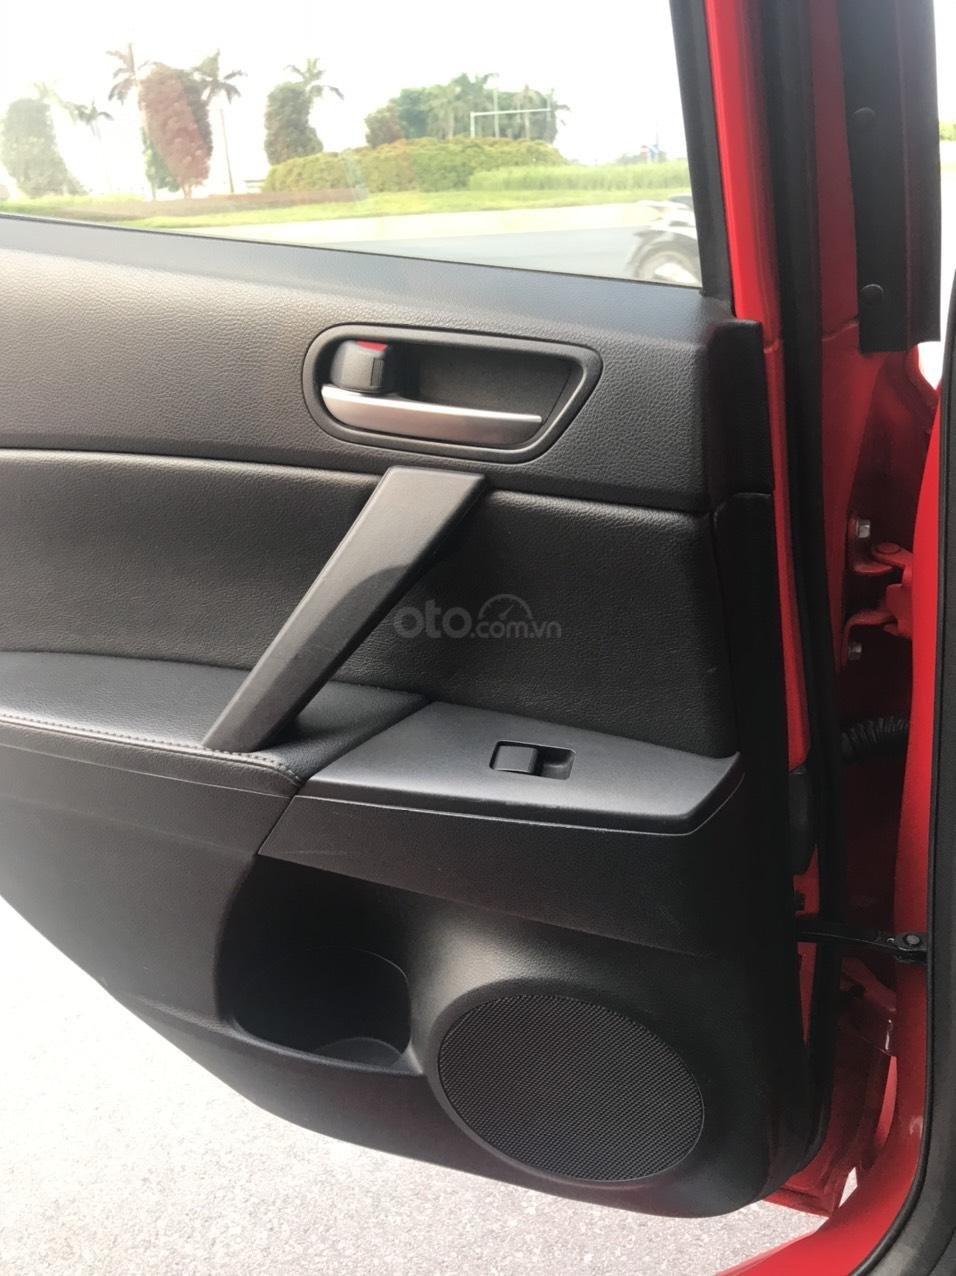 Cần bán Mazda 3 Hatchback 2010 màu đỏ chính chủ (5)